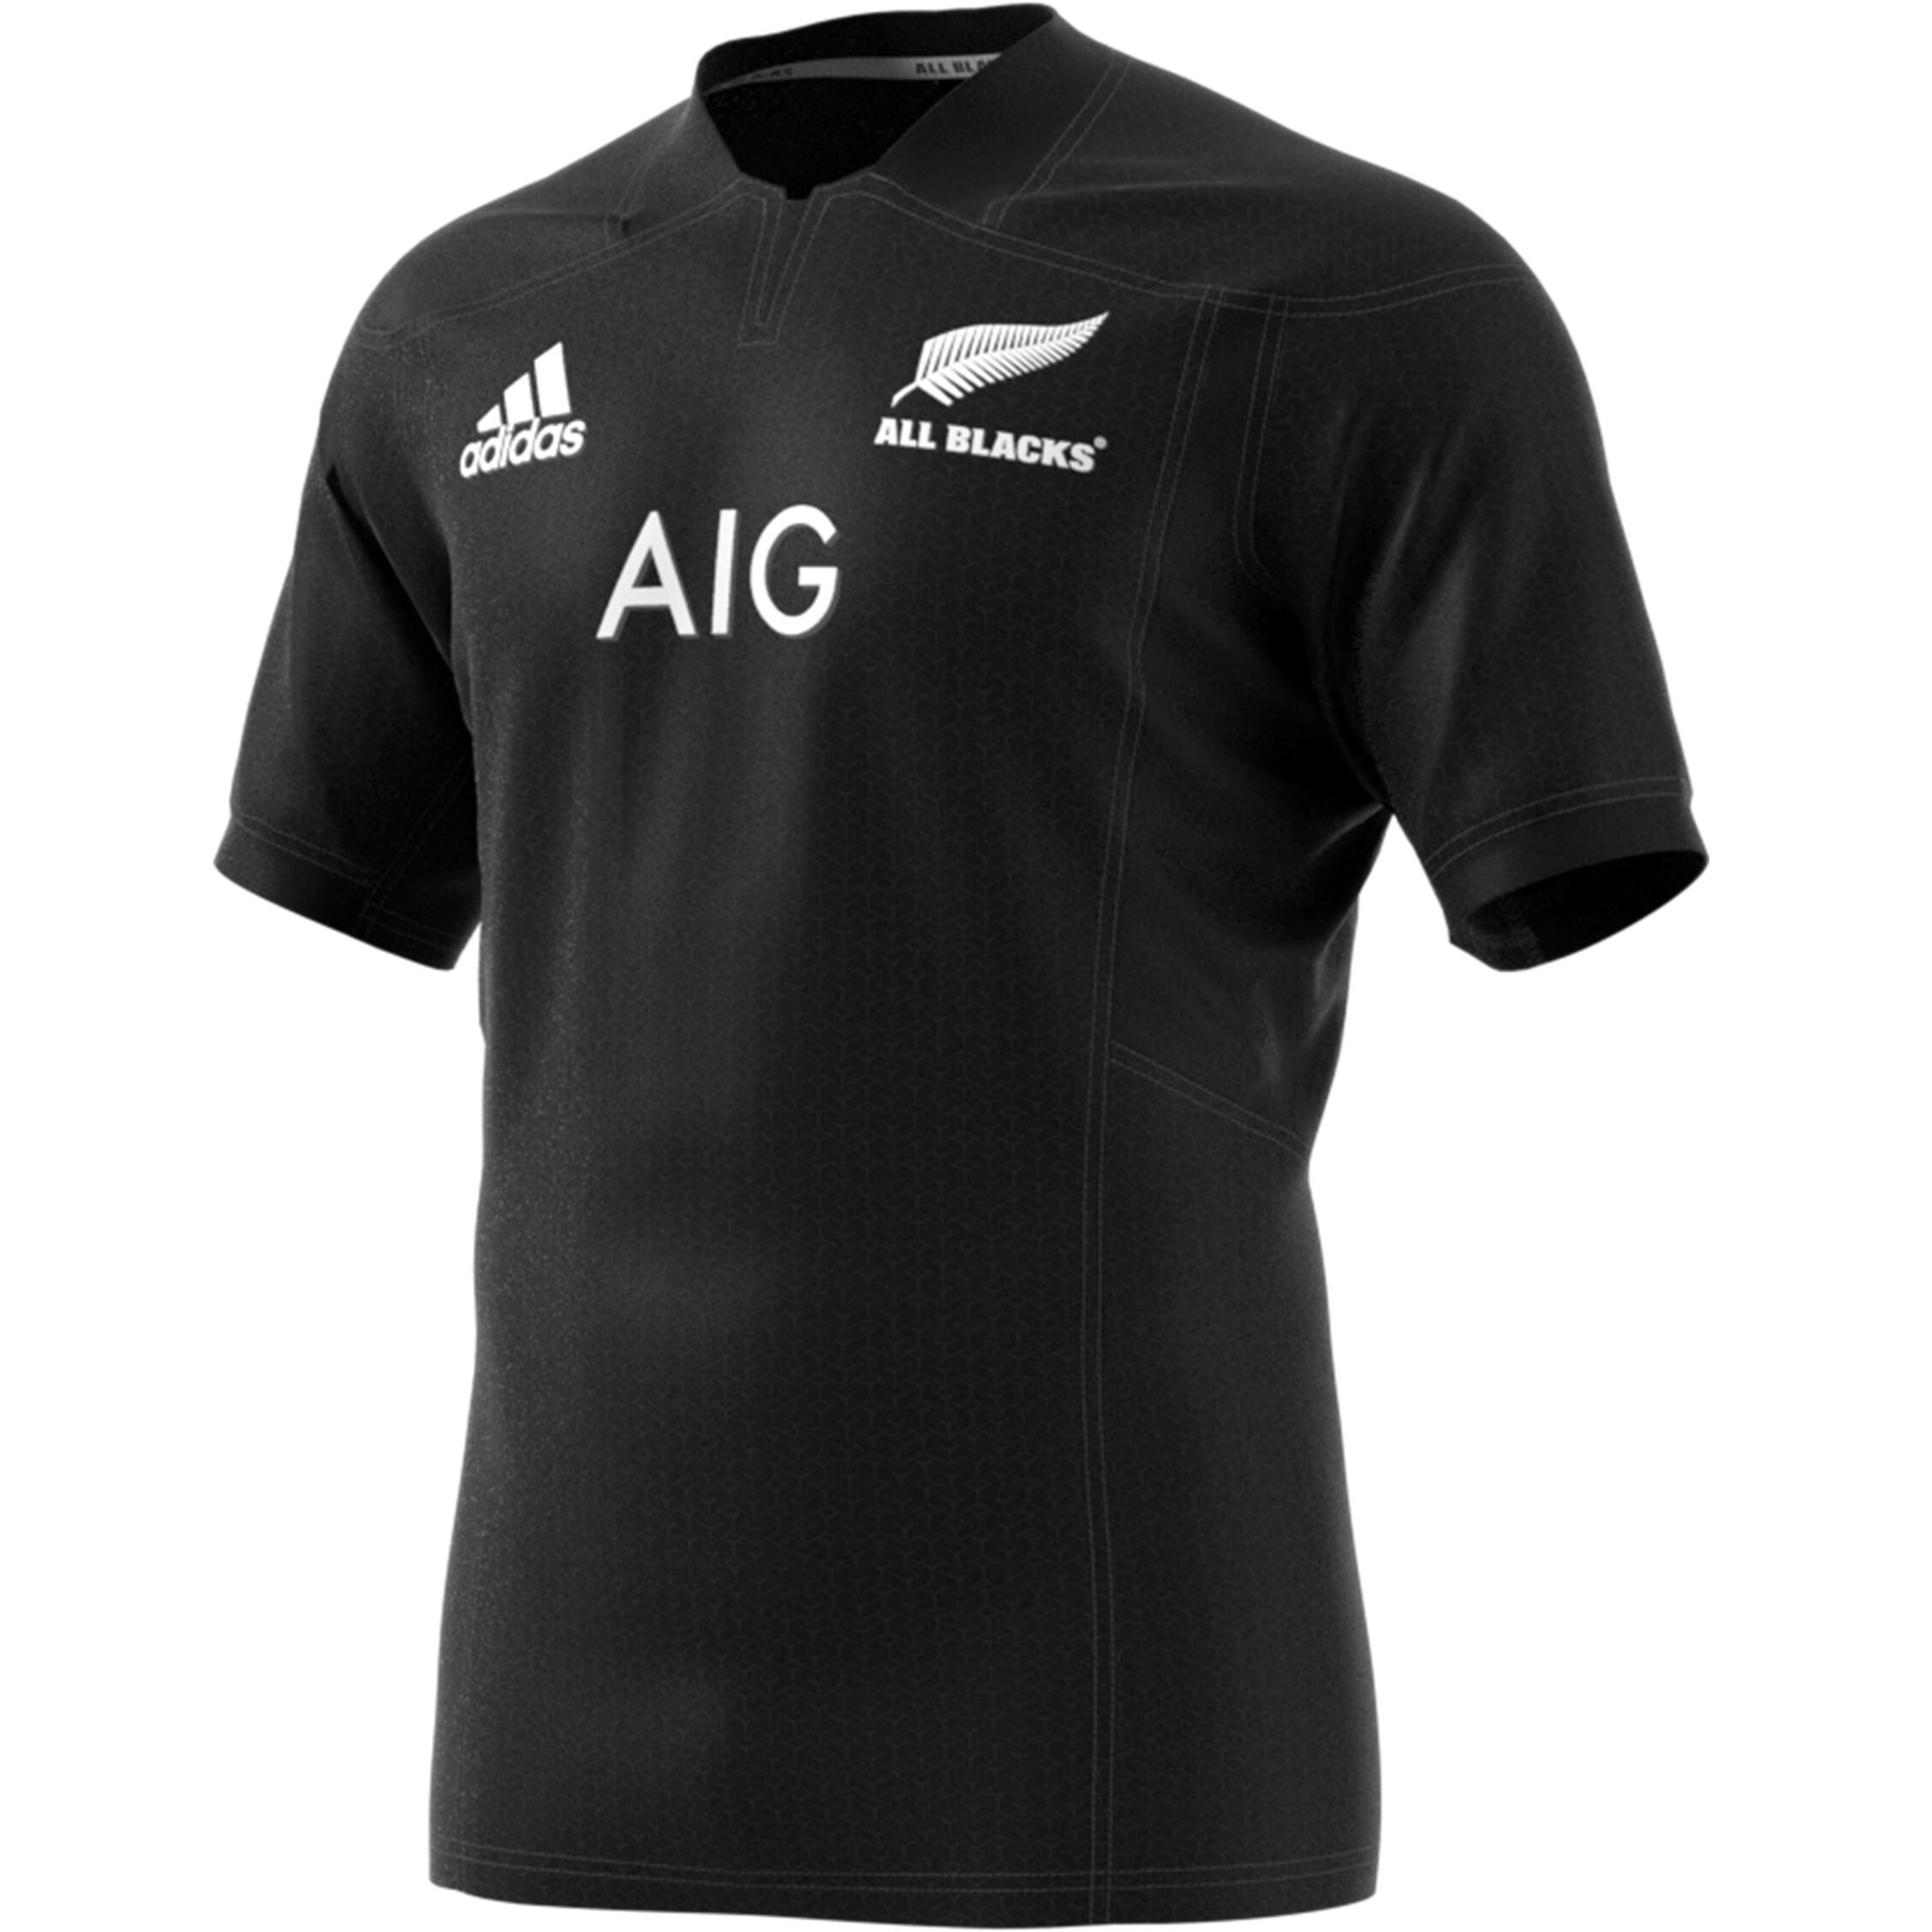 Adidas Shirt replica NZ voor volwassenen 16-18